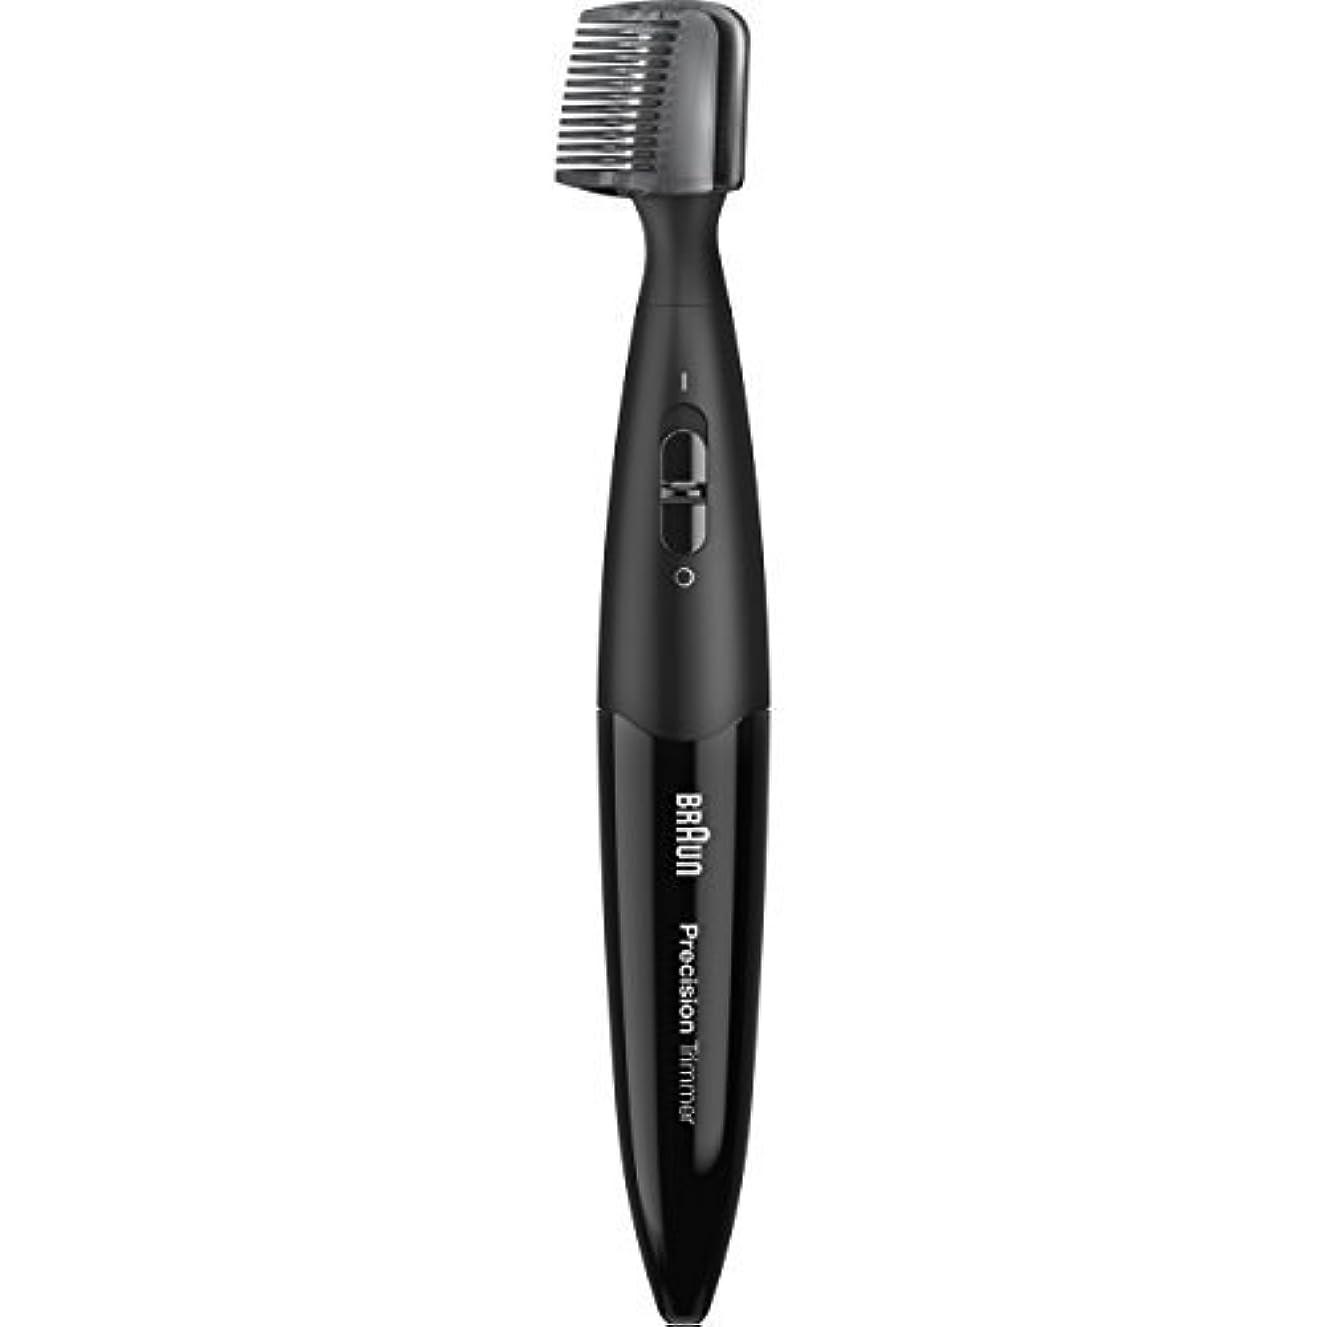 シロナガスクジラ国勢調査チューインガムBraun Precision Trimmer PT5010, Men's Precision Beard, Ear & Nose, Mustache detailer, styler [並行輸入品]